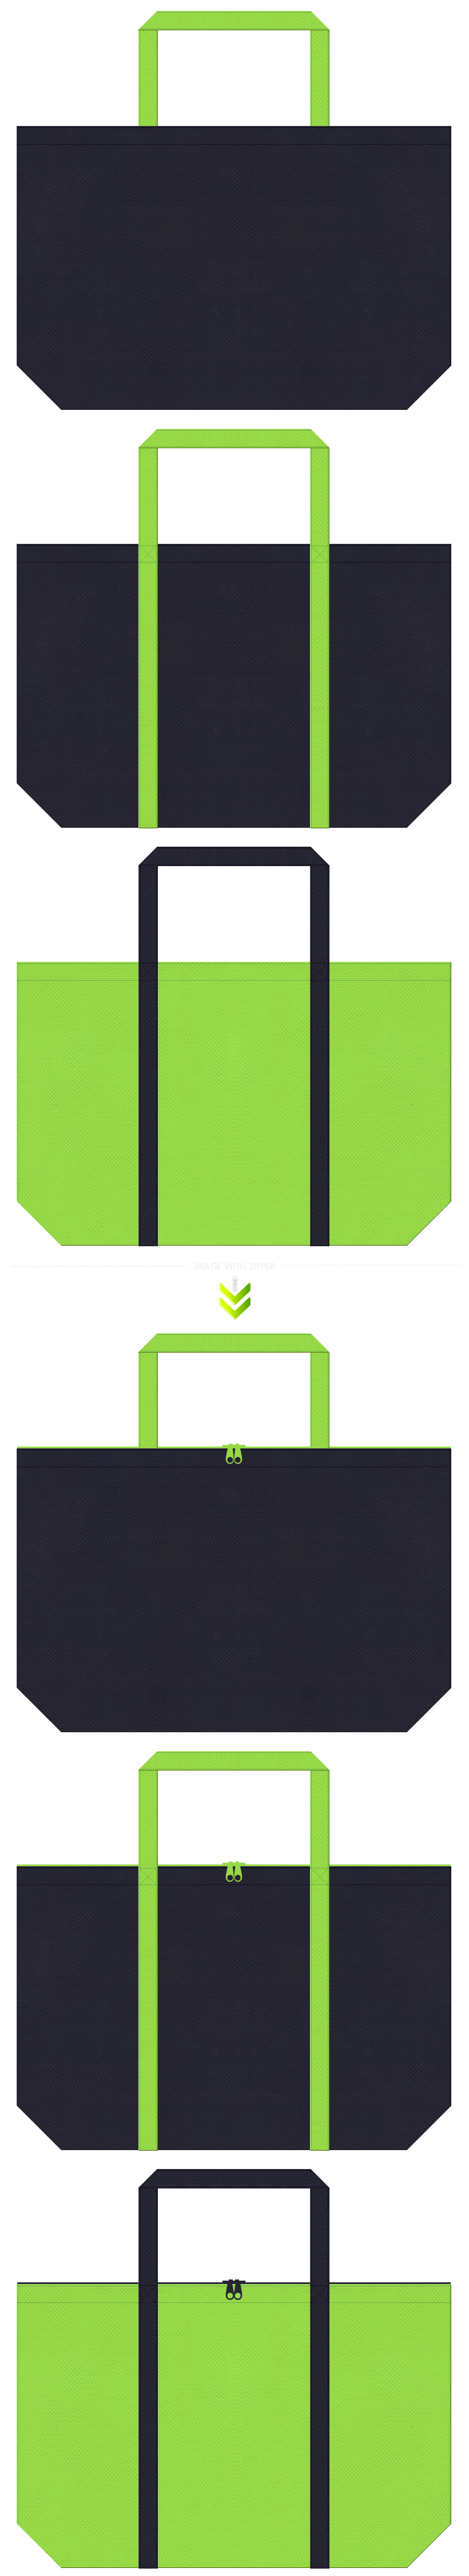 釣具・ダイビング・サイクリング・自転車イベント・ロードレース・ユニフォーム・運動靴・アウトドア・スポーツイベント・スポーティーファッション・スポーツ用品のショッピングバッグ・ランドリーバッグにお奨めの不織布バッグデザイン:濃紺色と黄緑色のコーデ